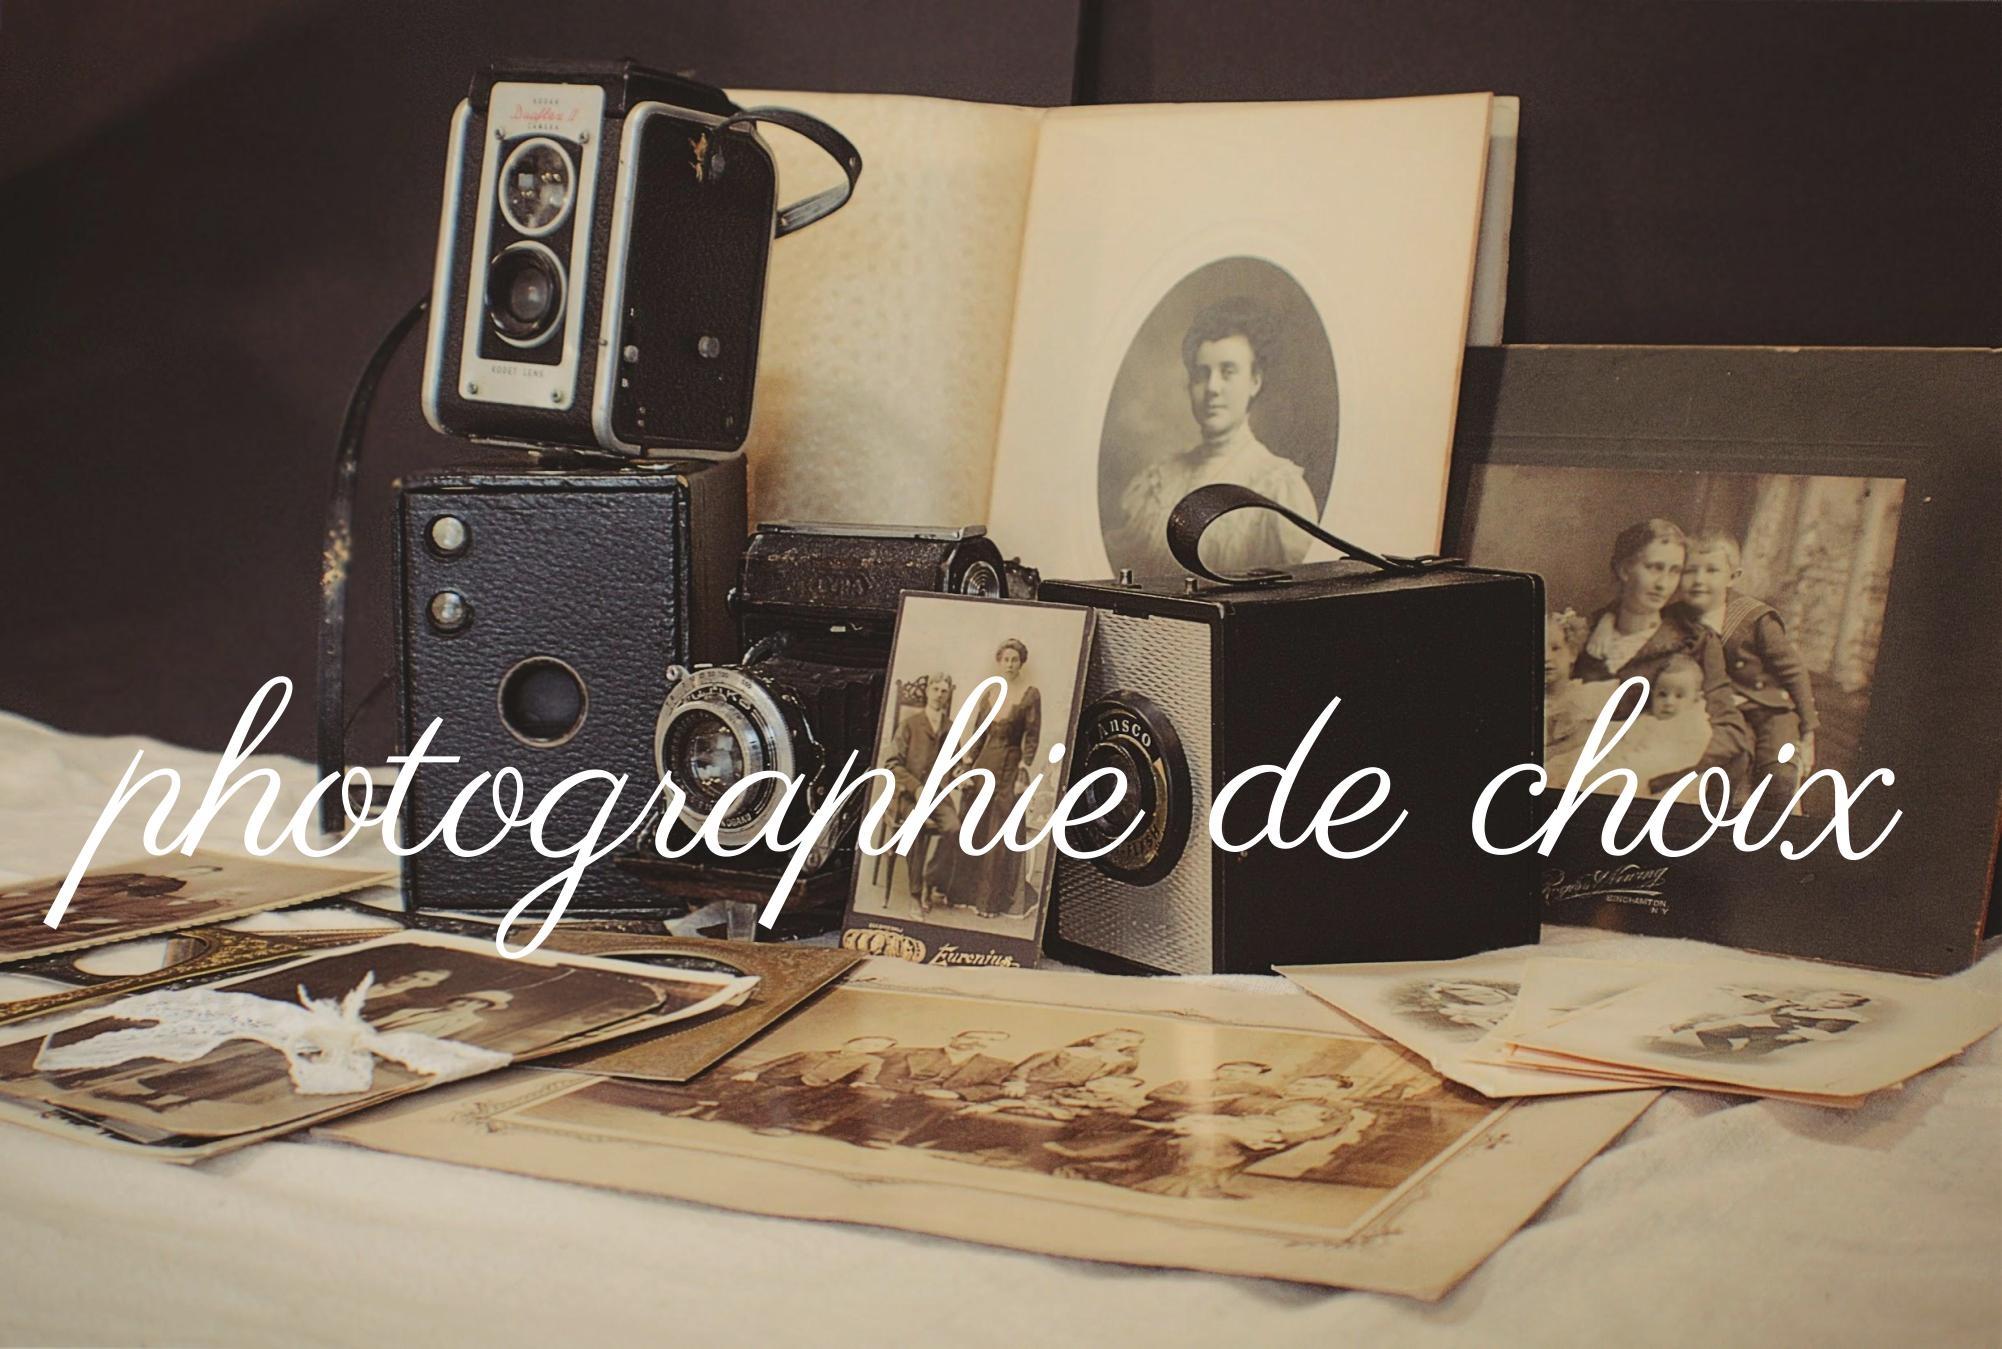 photographie de ch (@photographiedechoix) Cover Image